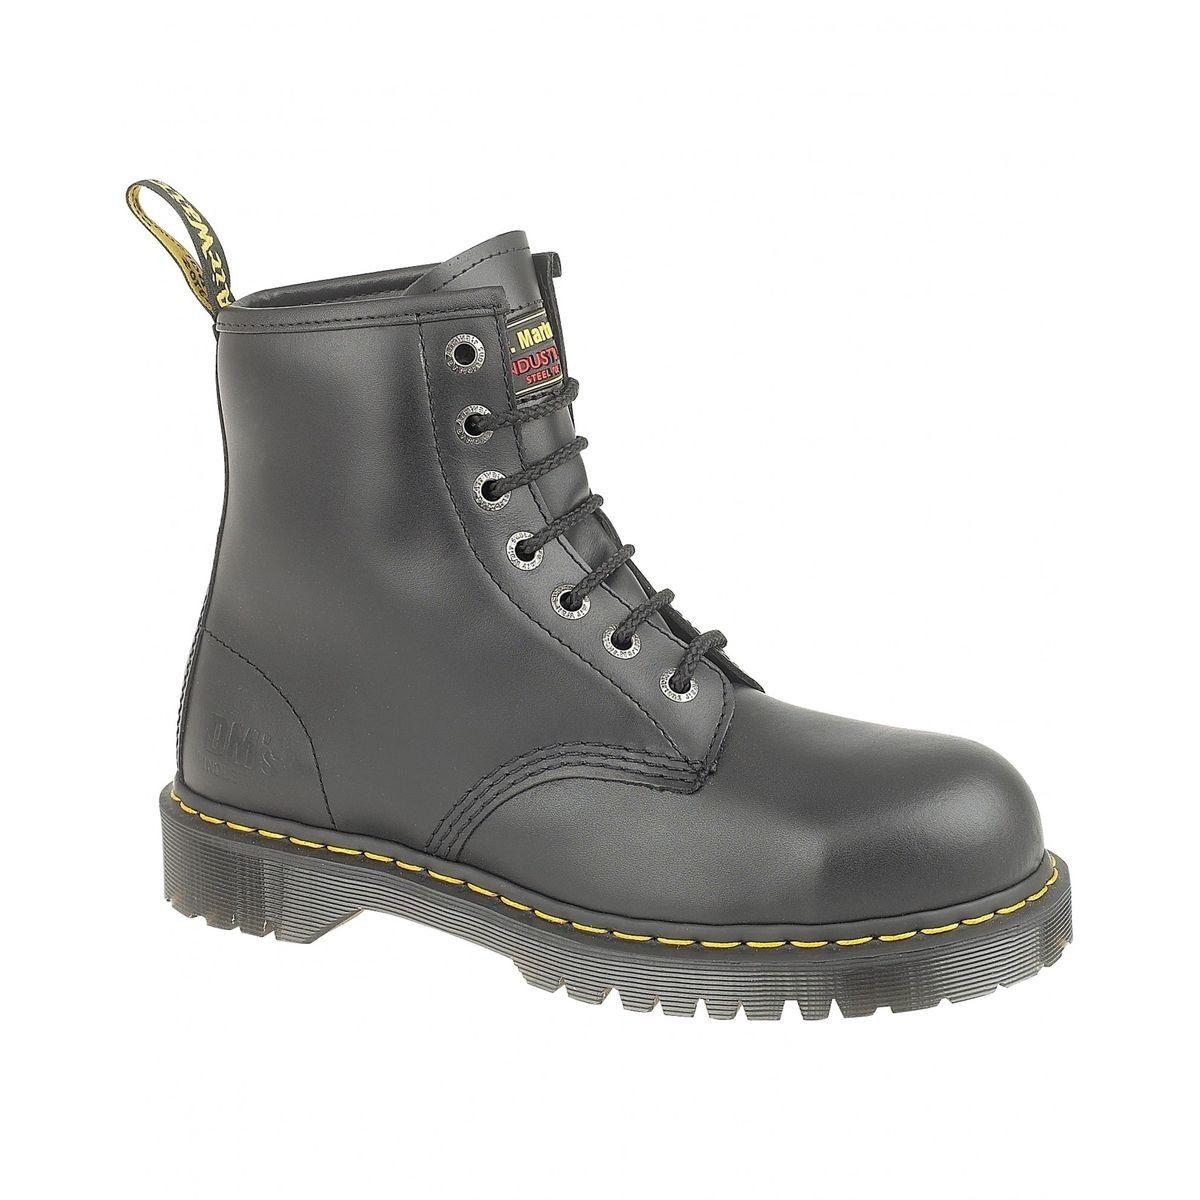 De SécuritéNoir Chaussures Montantes Dr Fs64 Martens R5Aq34Lj